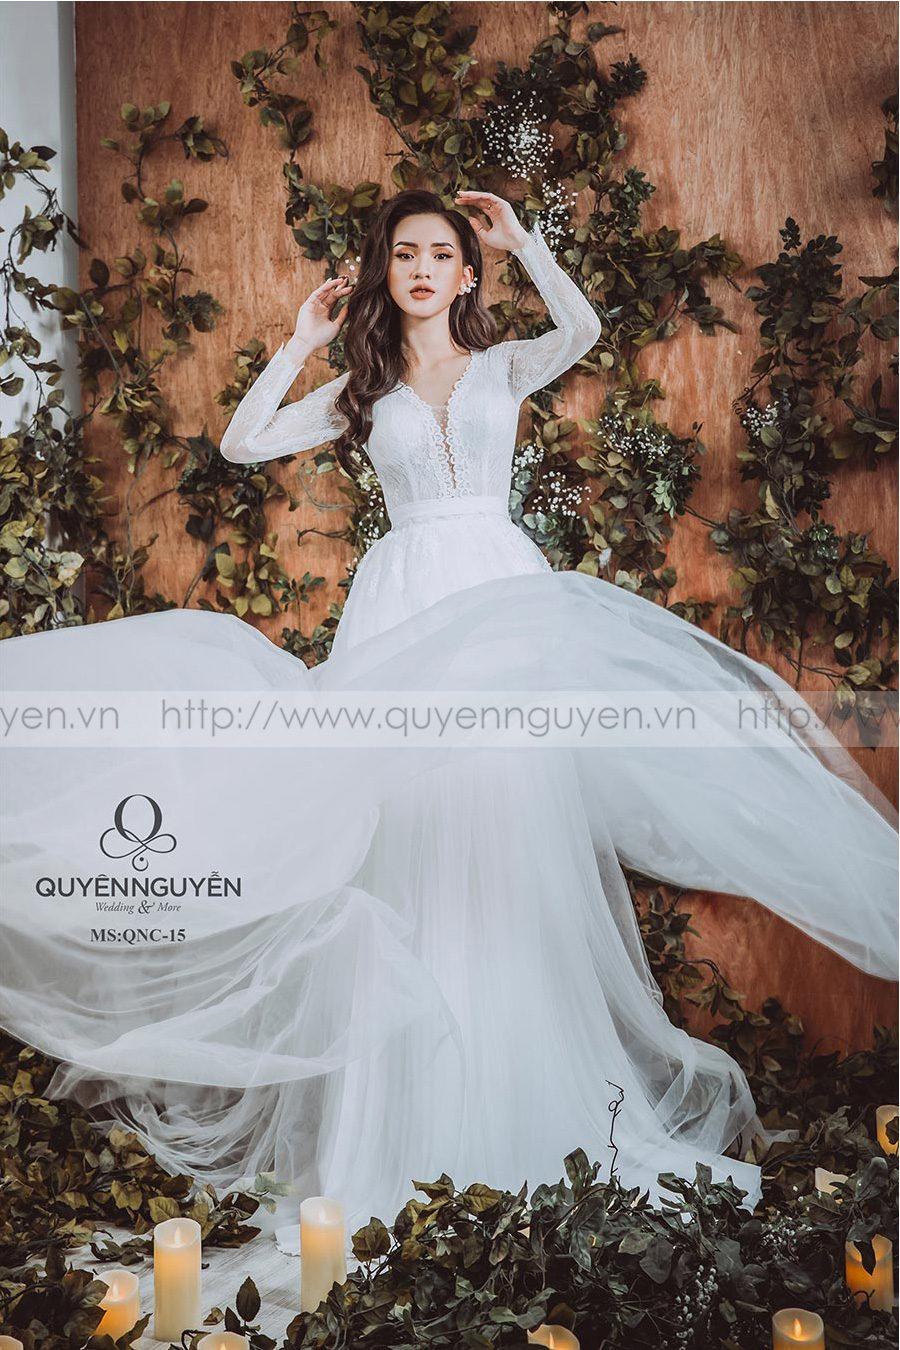 5 mẫu váy cưới simple năng động và thanh lịch